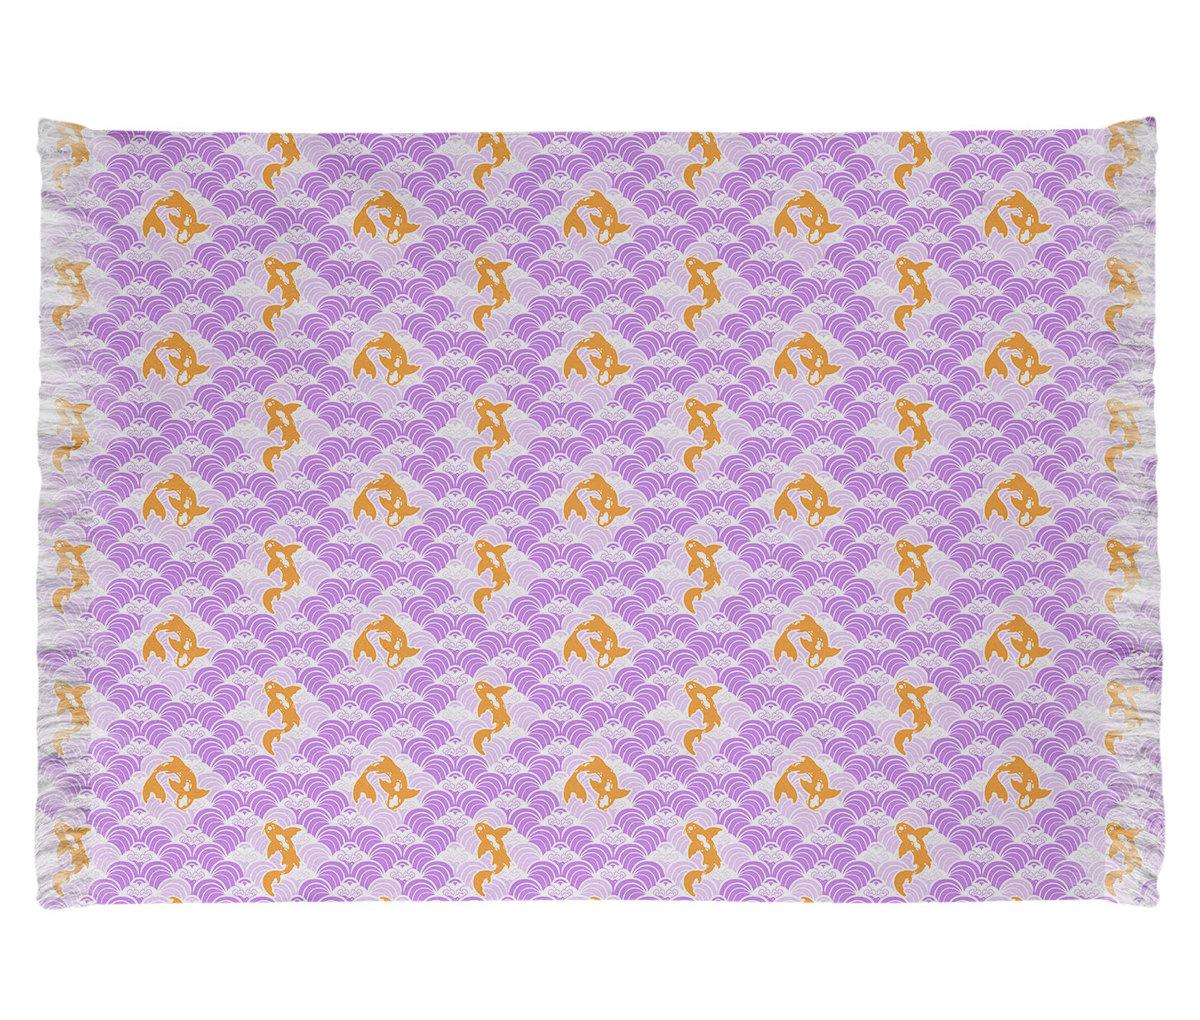 ArtVerse Katelyn Elizabeth Koi Fish And Waves Violet/Beige